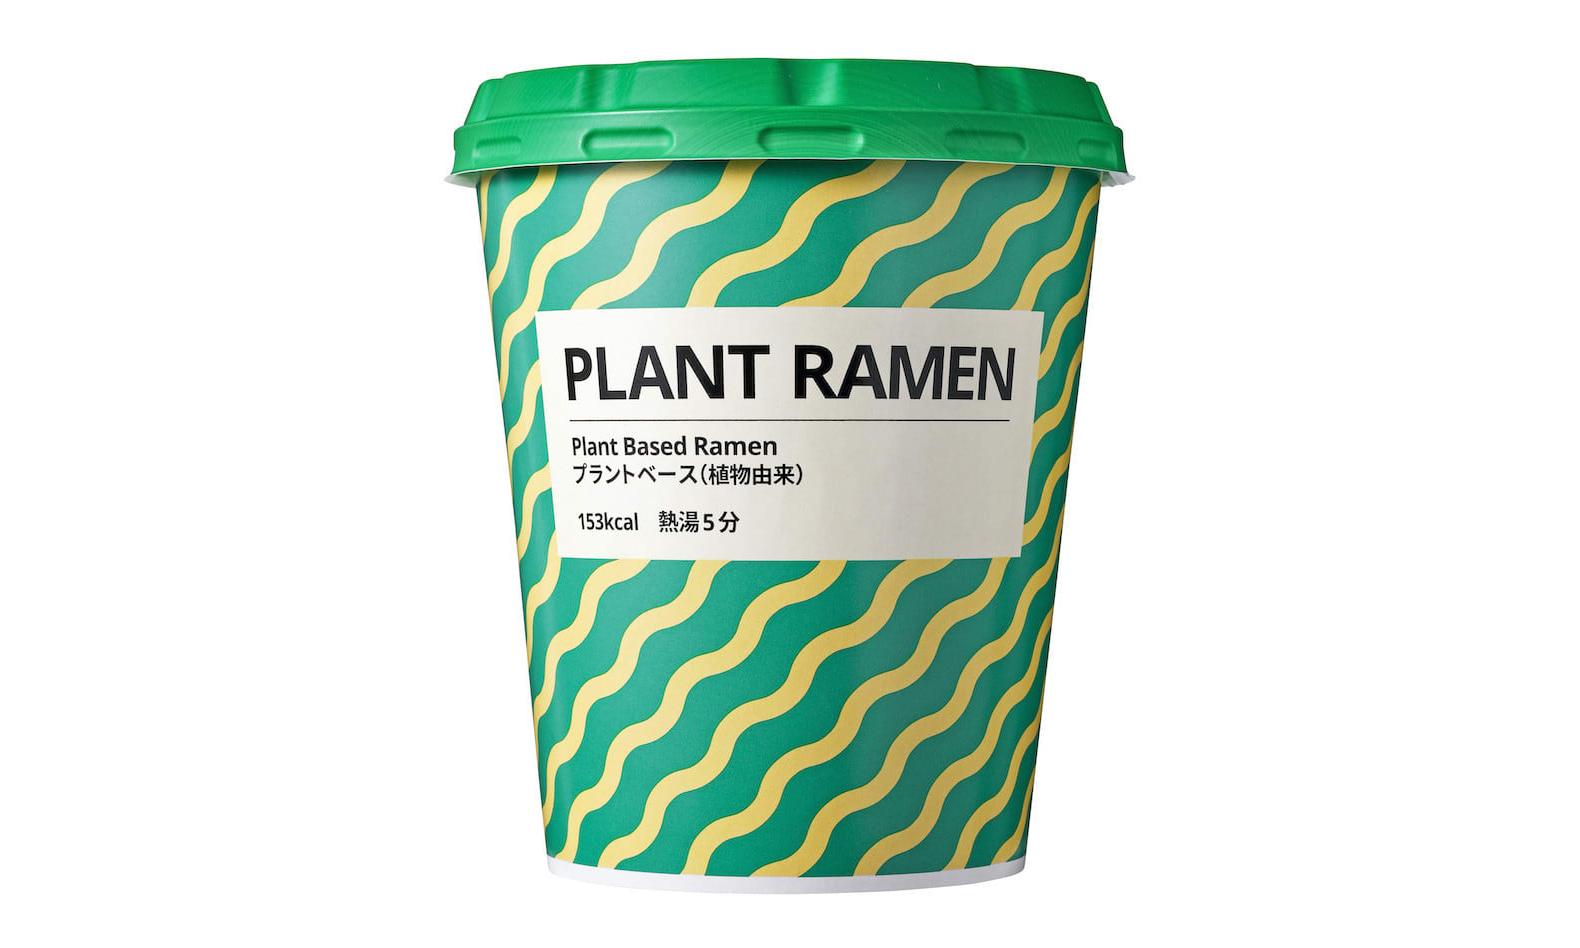 日本宜家推出 100% 植物基拉面和有机果汁